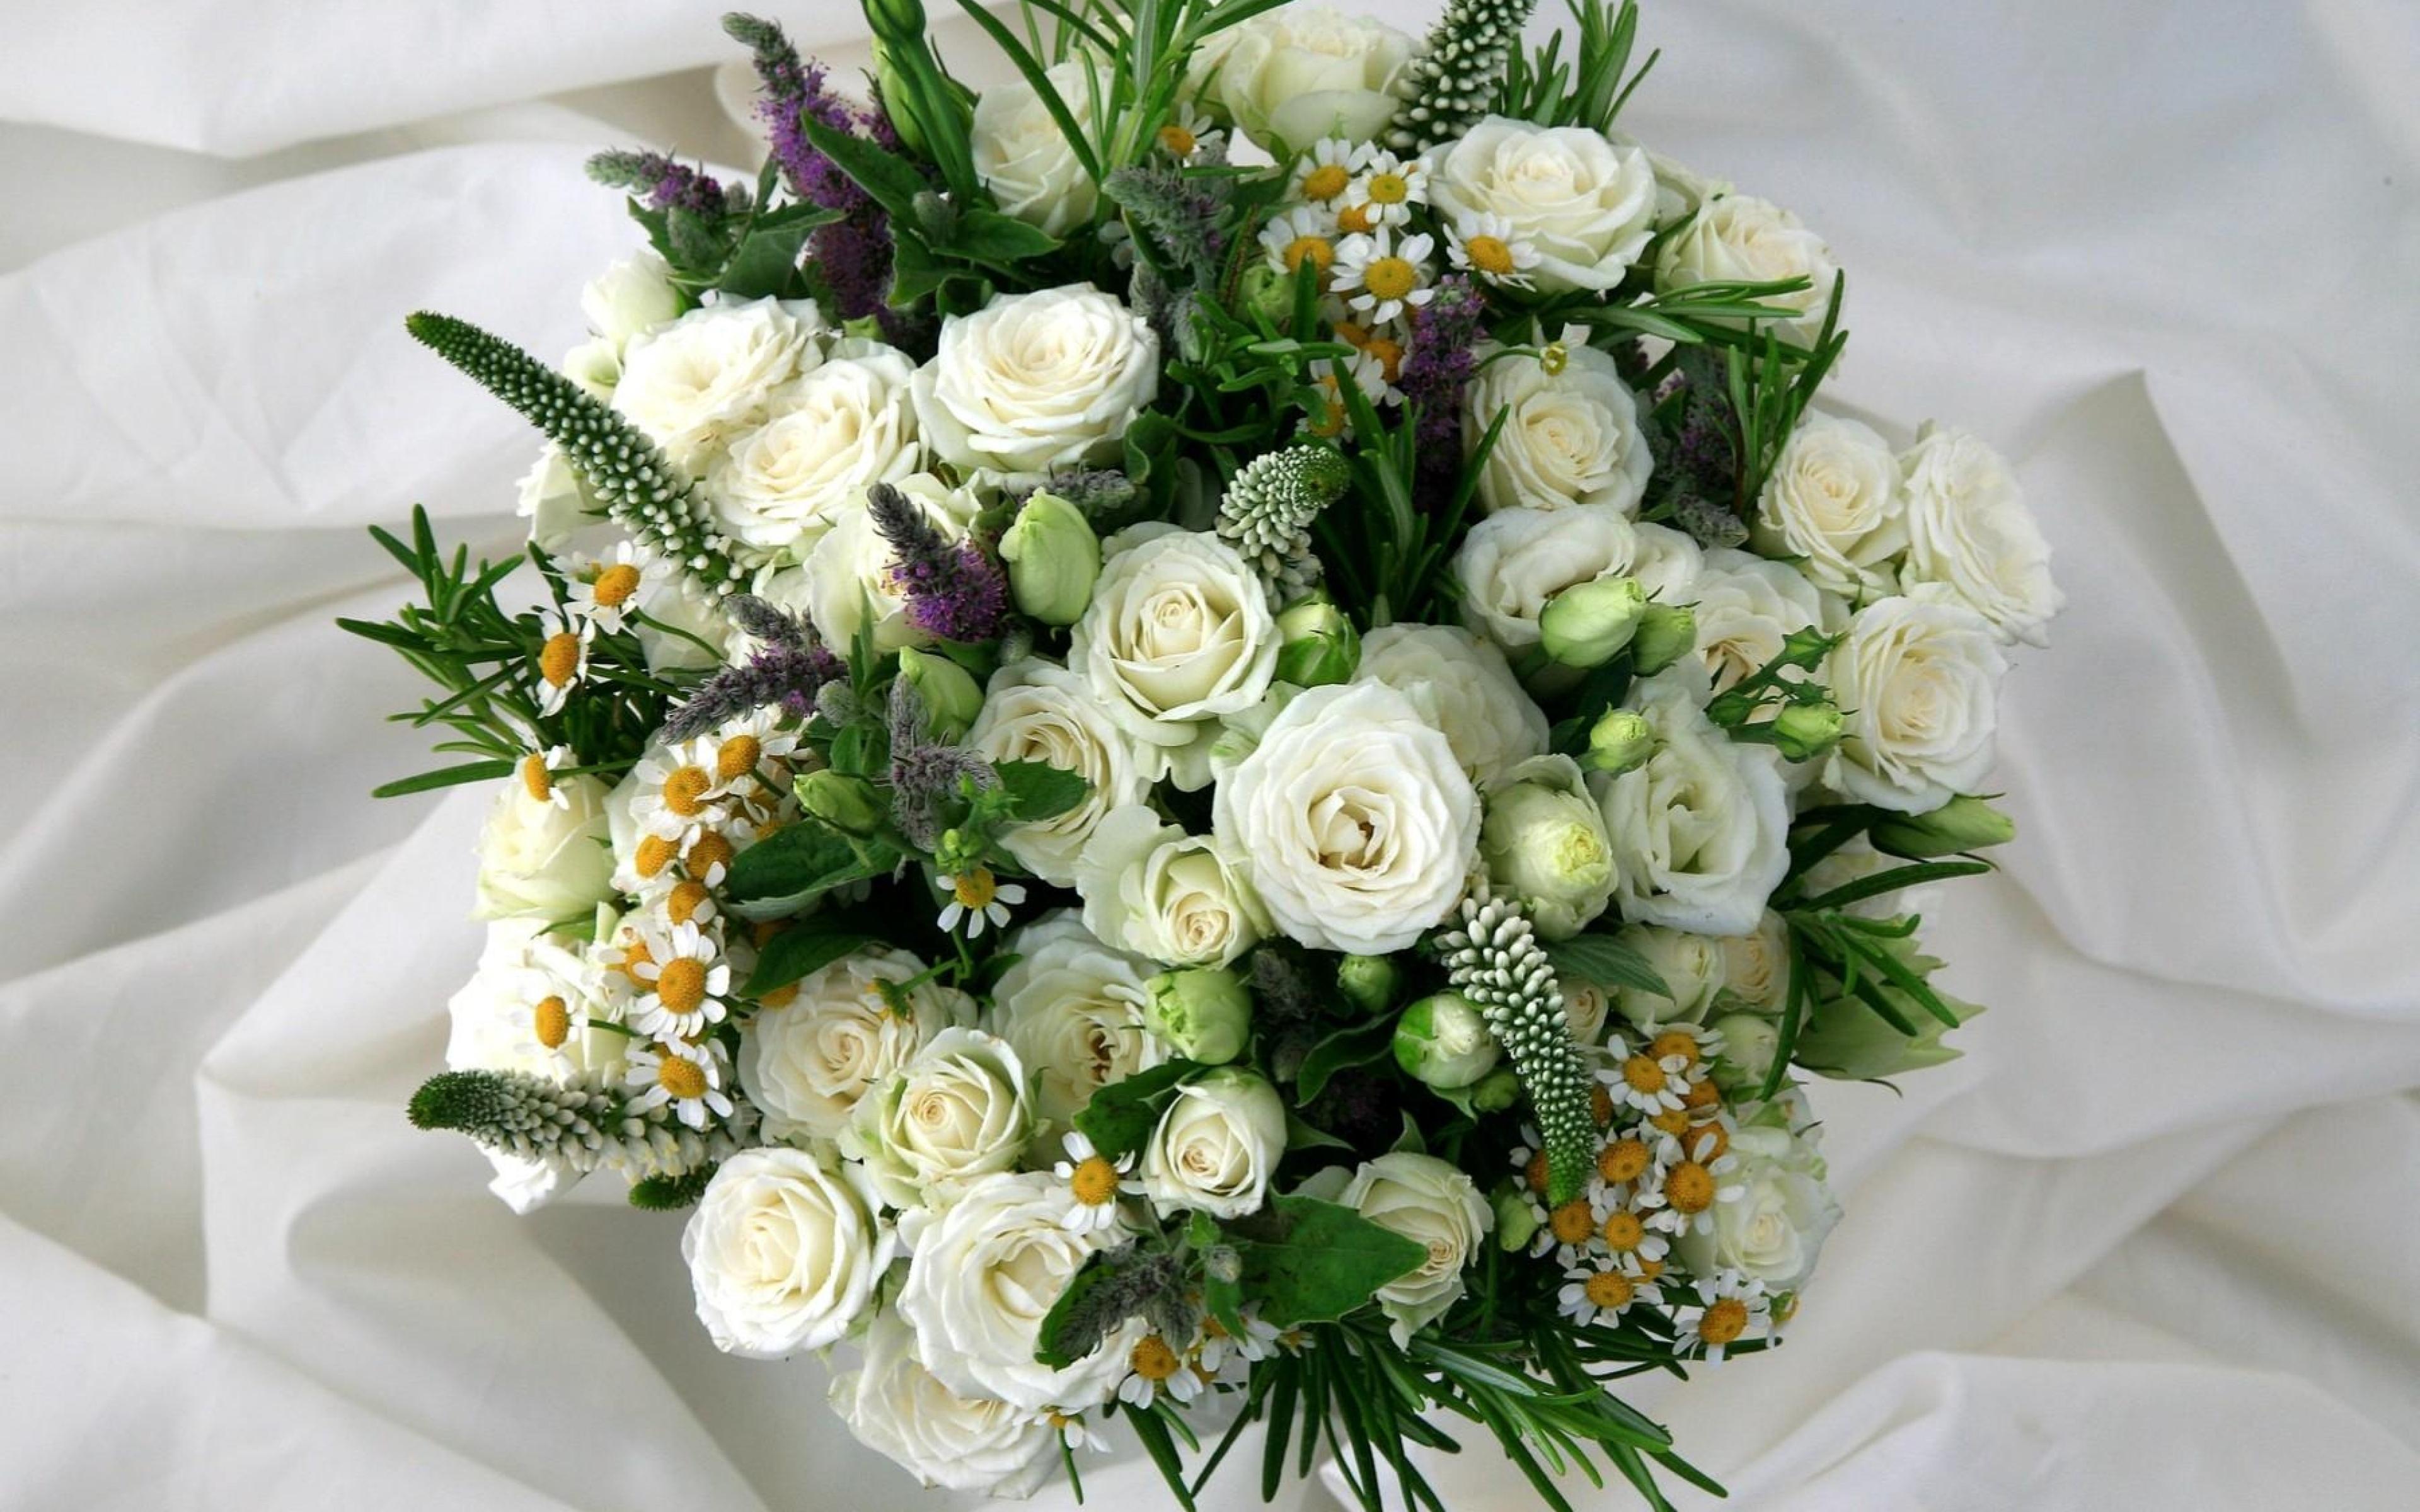 Составление букетов из живых цветов: правила. Букеты из цветов 51